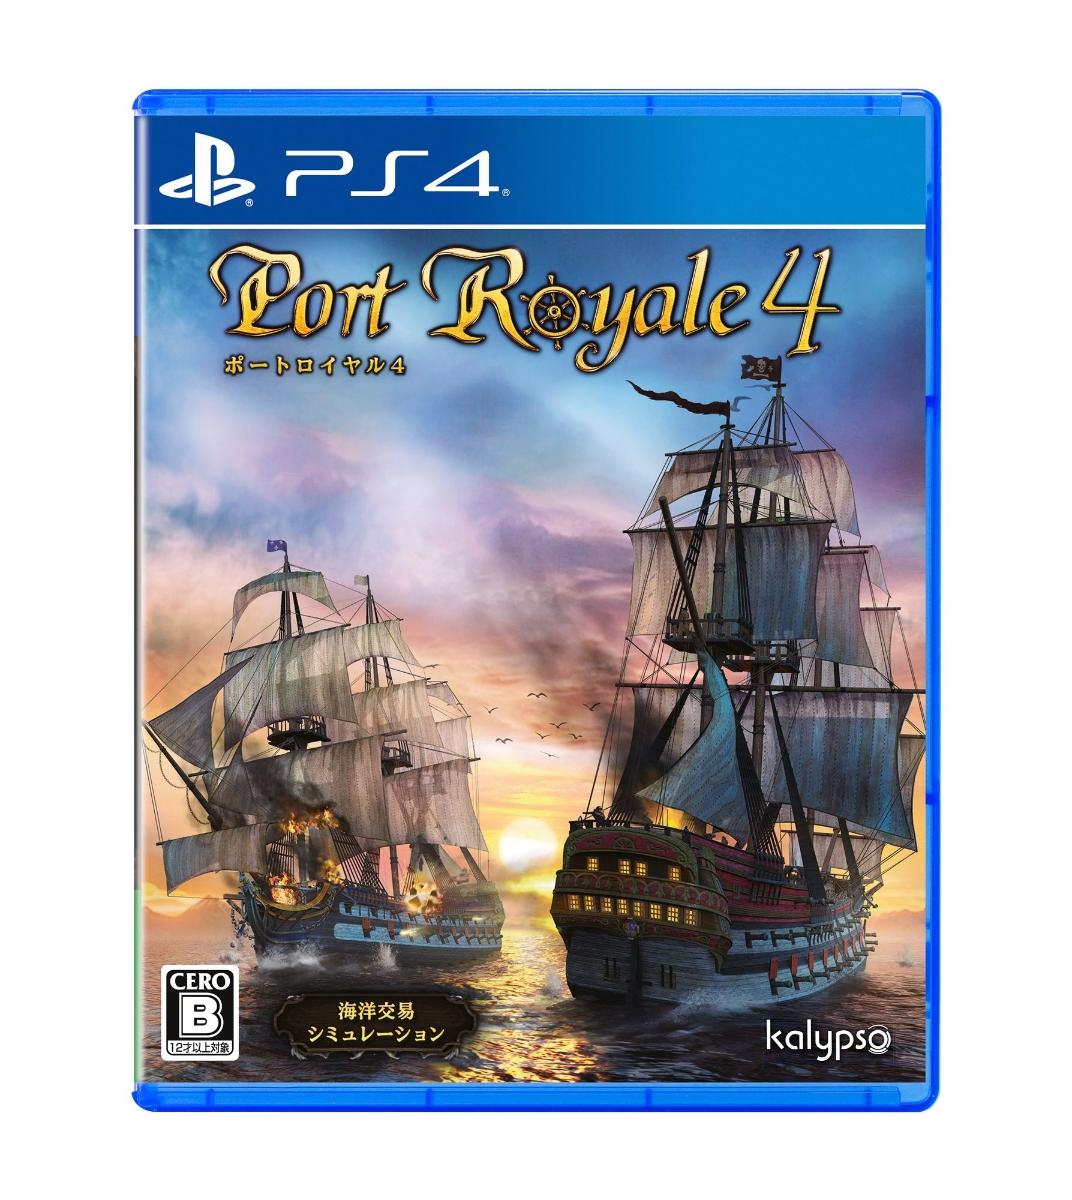 ポート ロイヤル 4 PS4版